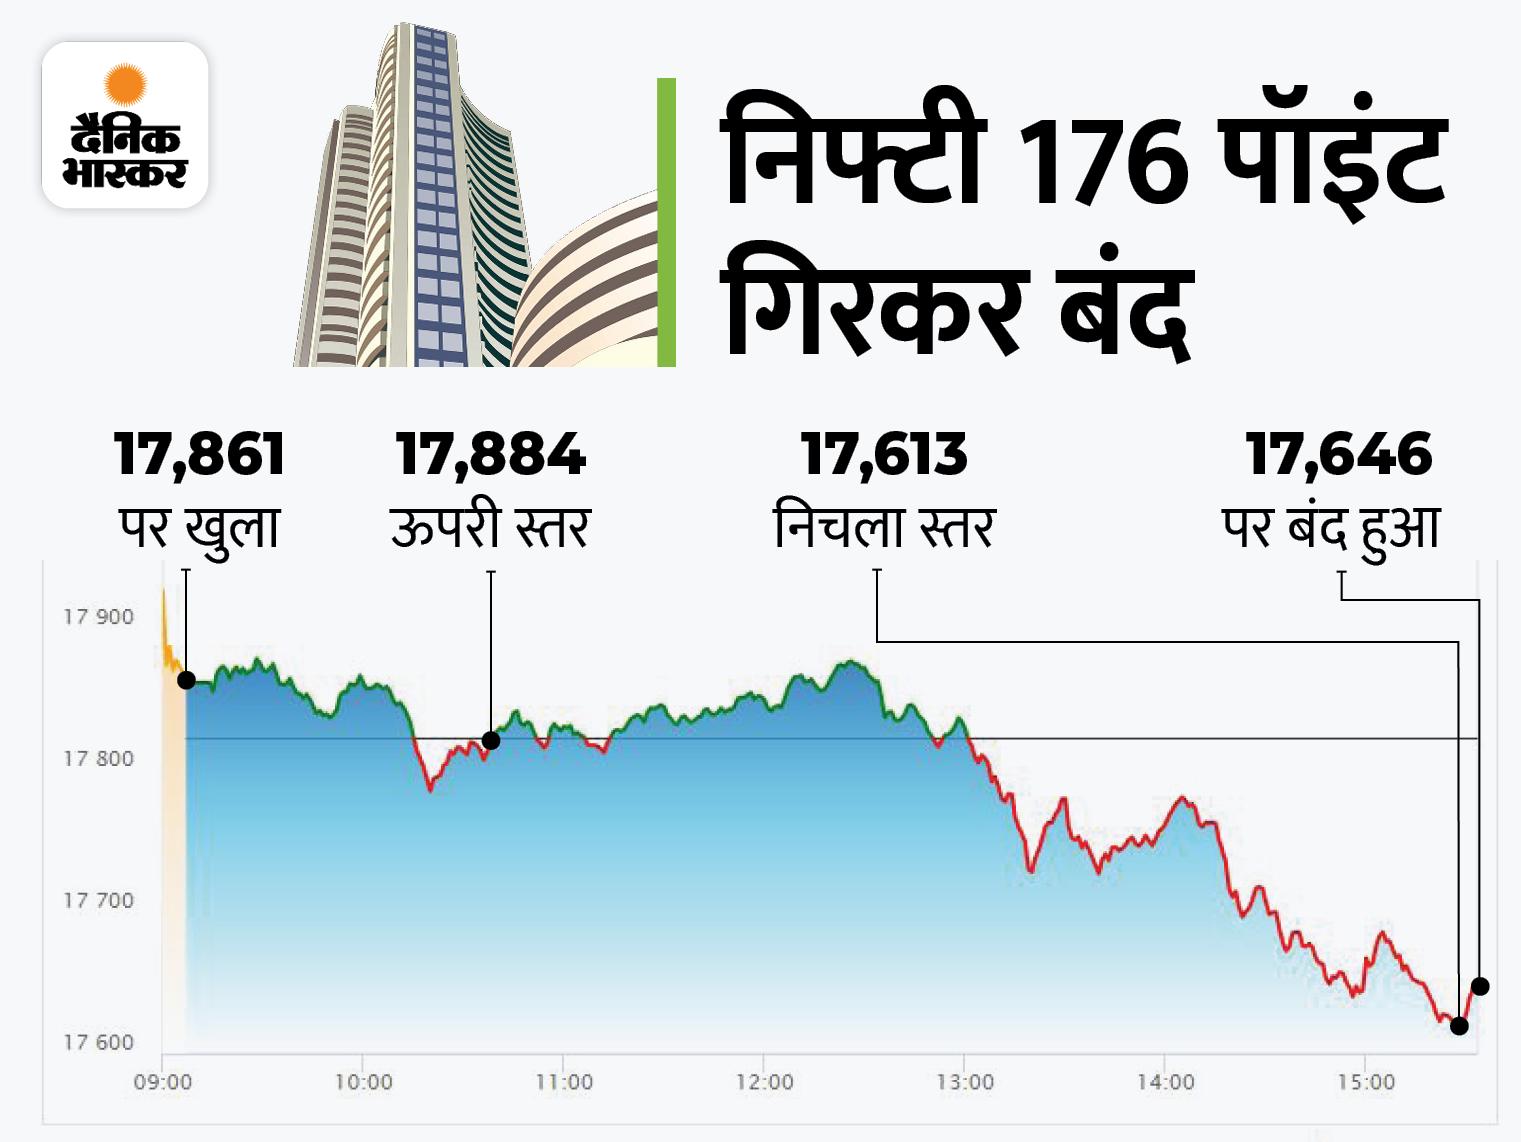 सेंसेक्स 555 पॉइंट टूटा, निफ्टी 17650 के नीचे बंद; मेटल, फार्मा शेयर्स पर दिखा दबाव|बिजनेस,Business - Dainik Bhaskar